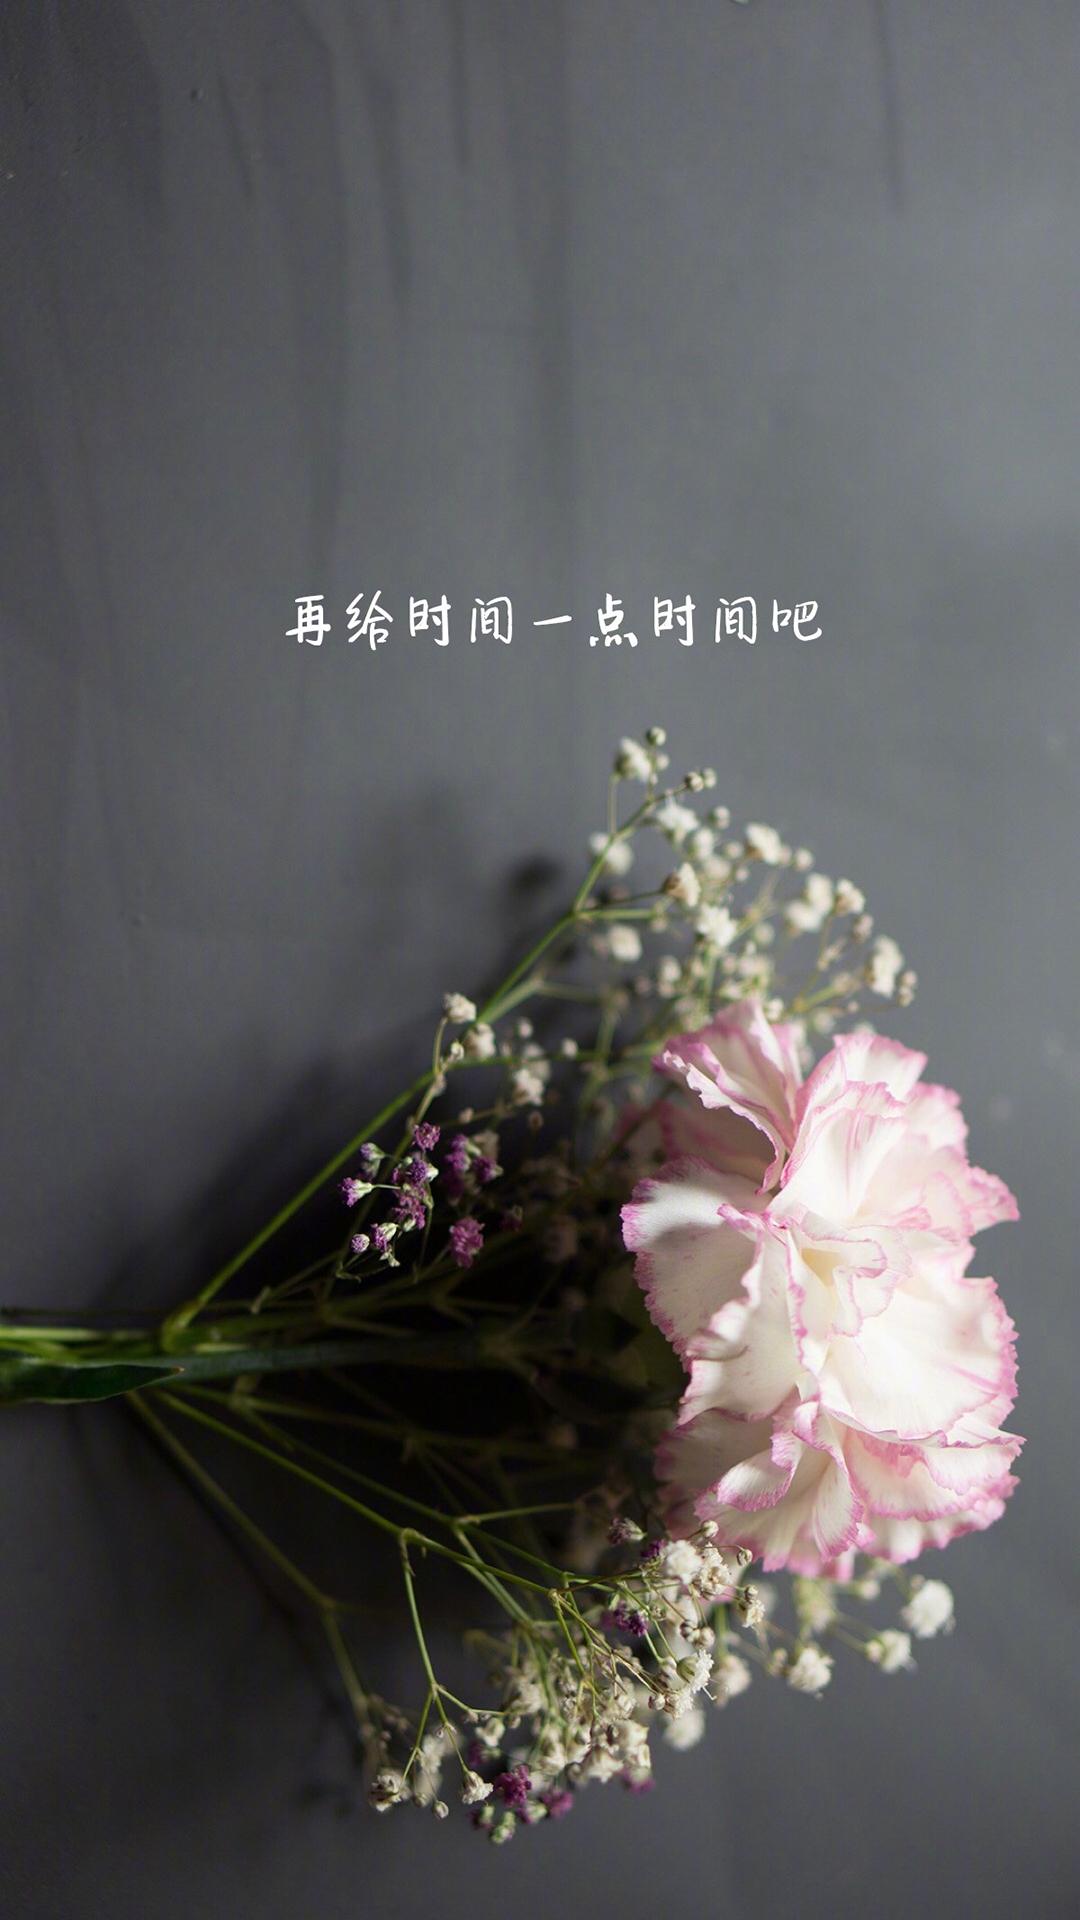 间吧 康乃馨 满天星 花束 苹果手机高清壁纸 1080x1920 爱思助手